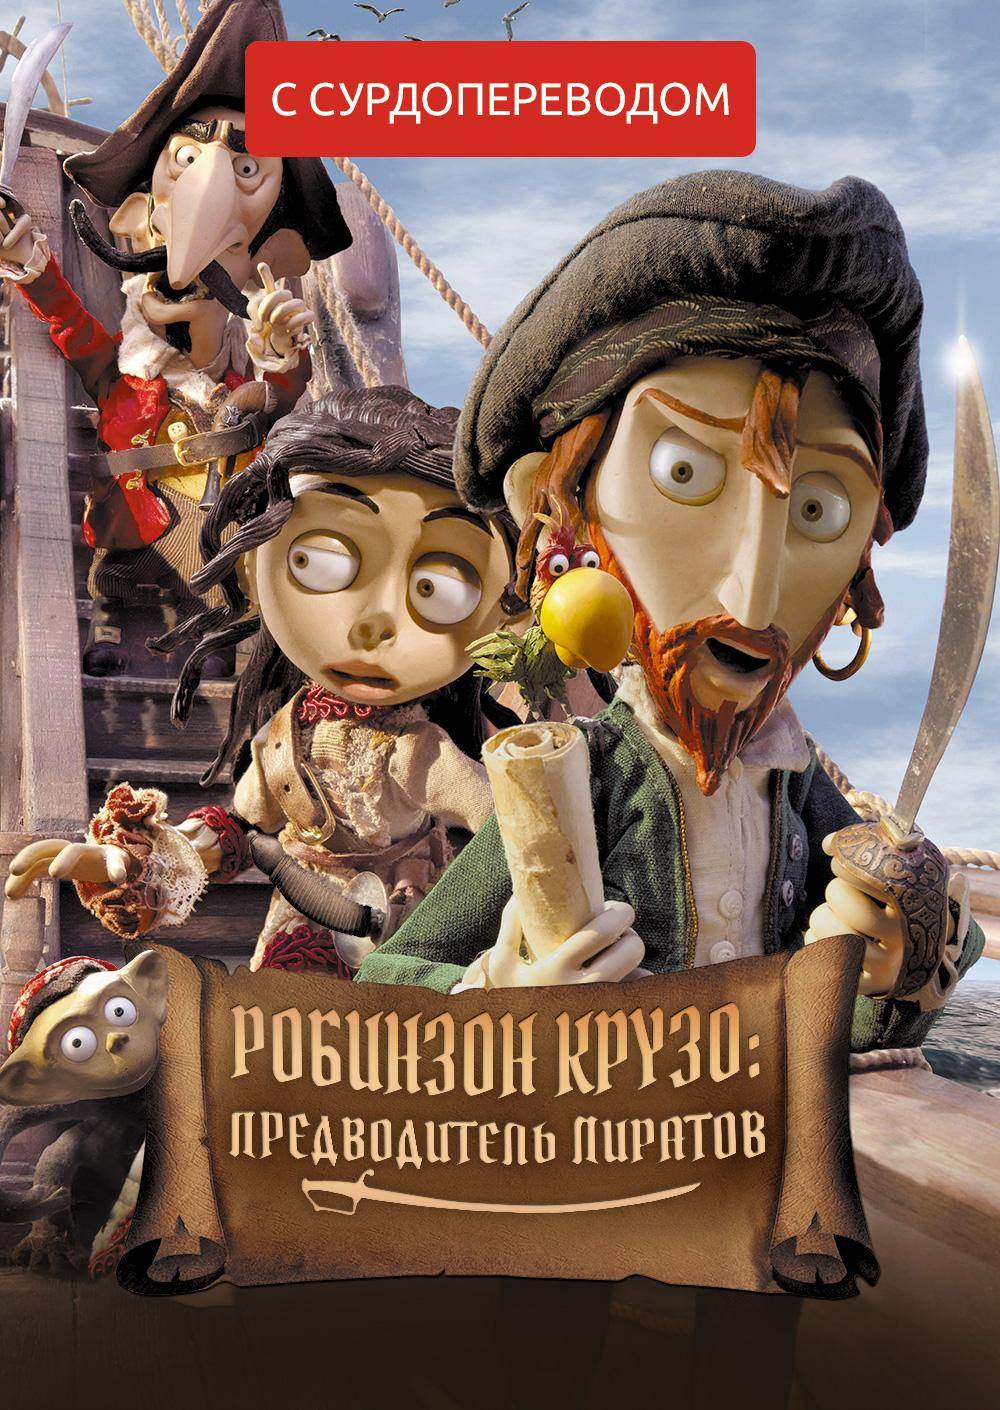 Робинзон Крузо: Предводитель пиратов (Сурдоперевод)